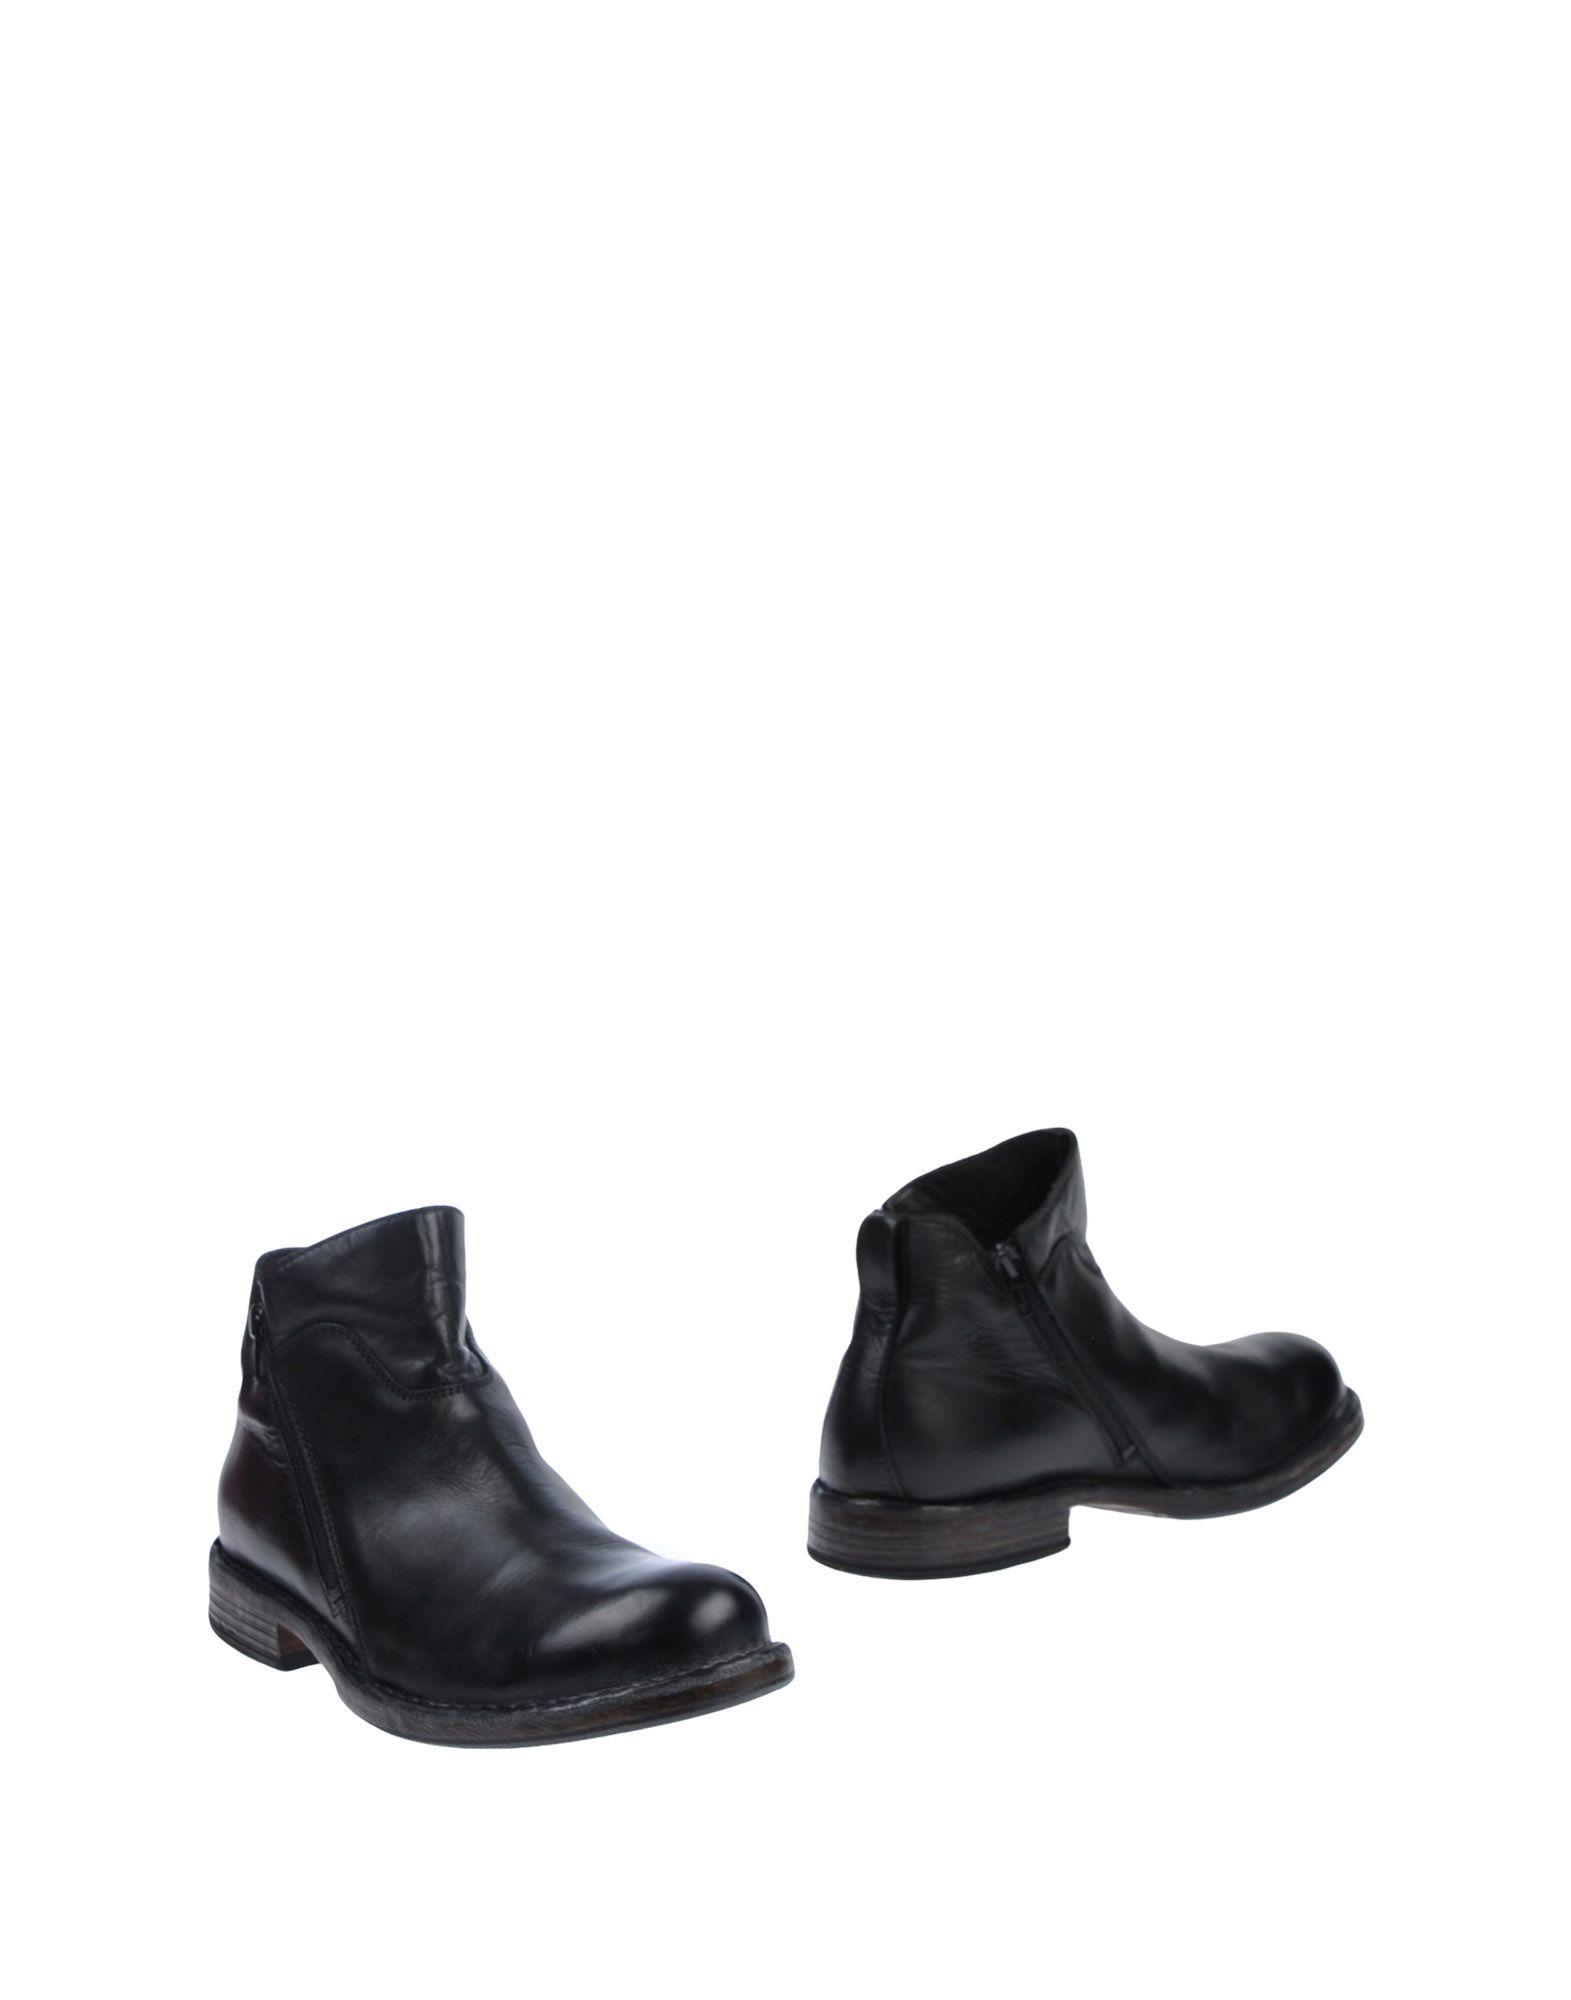 Moma Stiefelette Herren  11508691SB Gute Qualität beliebte Schuhe